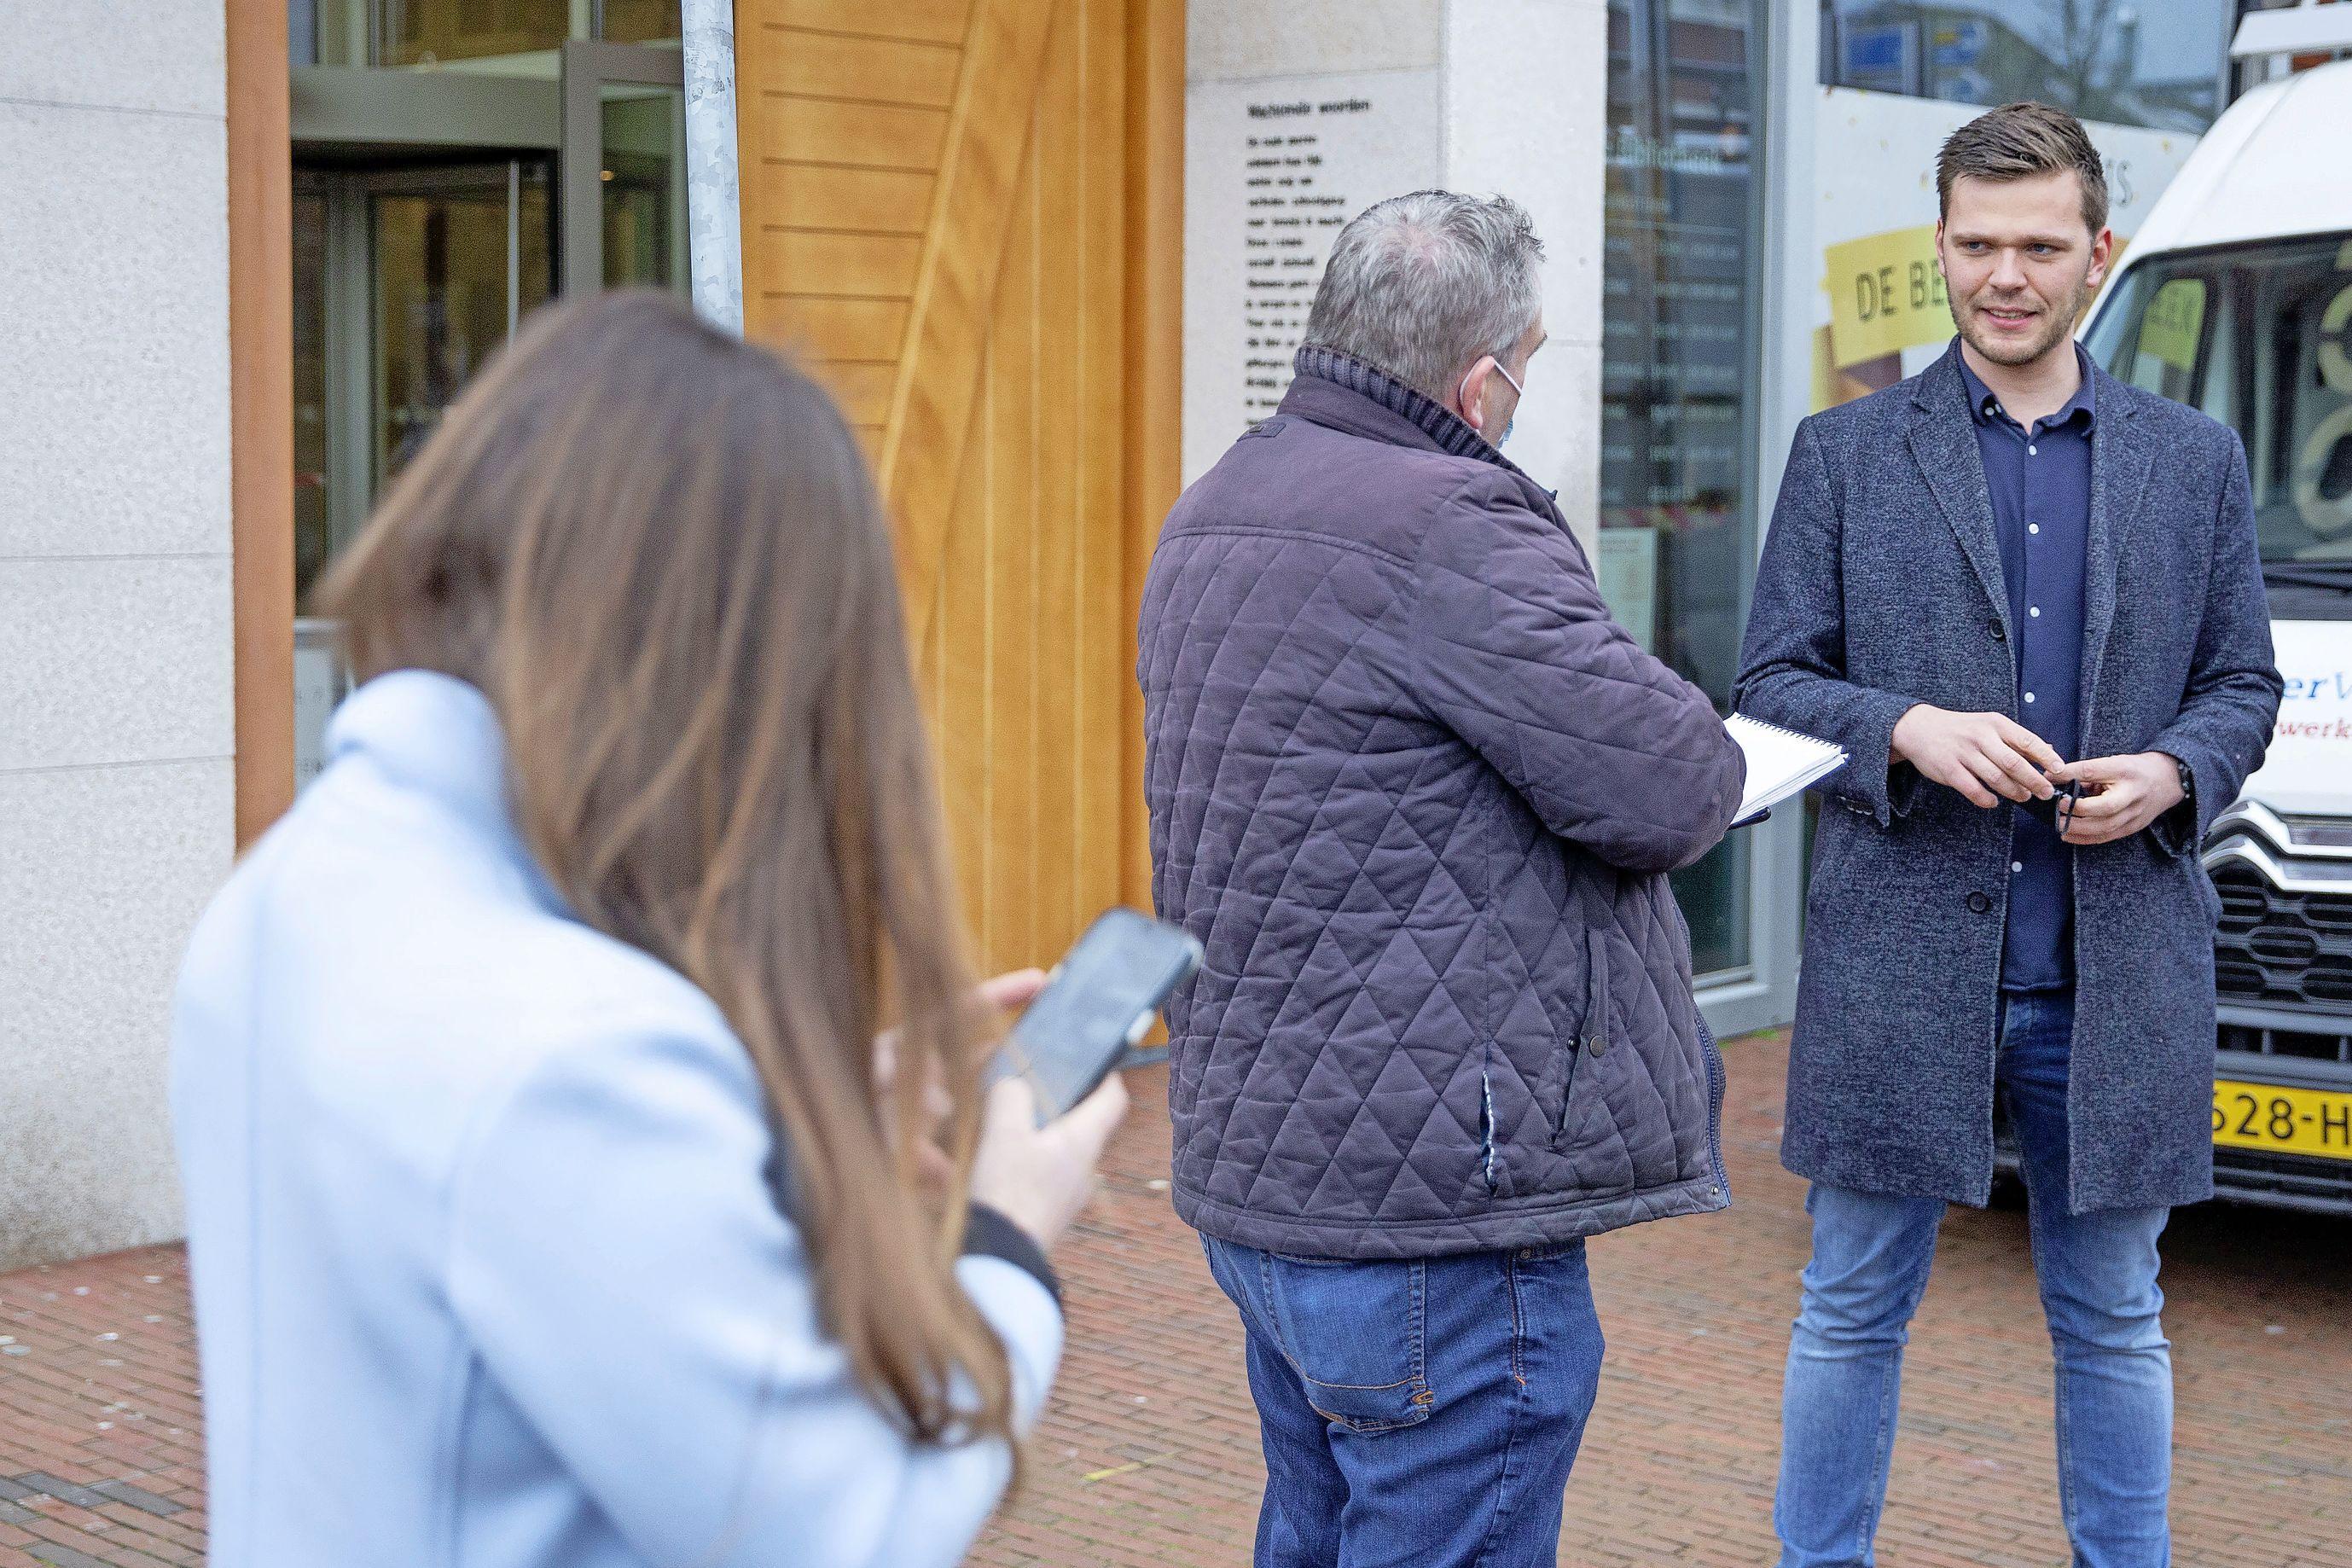 Helderse kiezer vierkant achter Harmen Krul. Met 916 voorkeursstemmen zit hij zijn CDA-lijsttrekker Wopke Hoekstra op de hielen